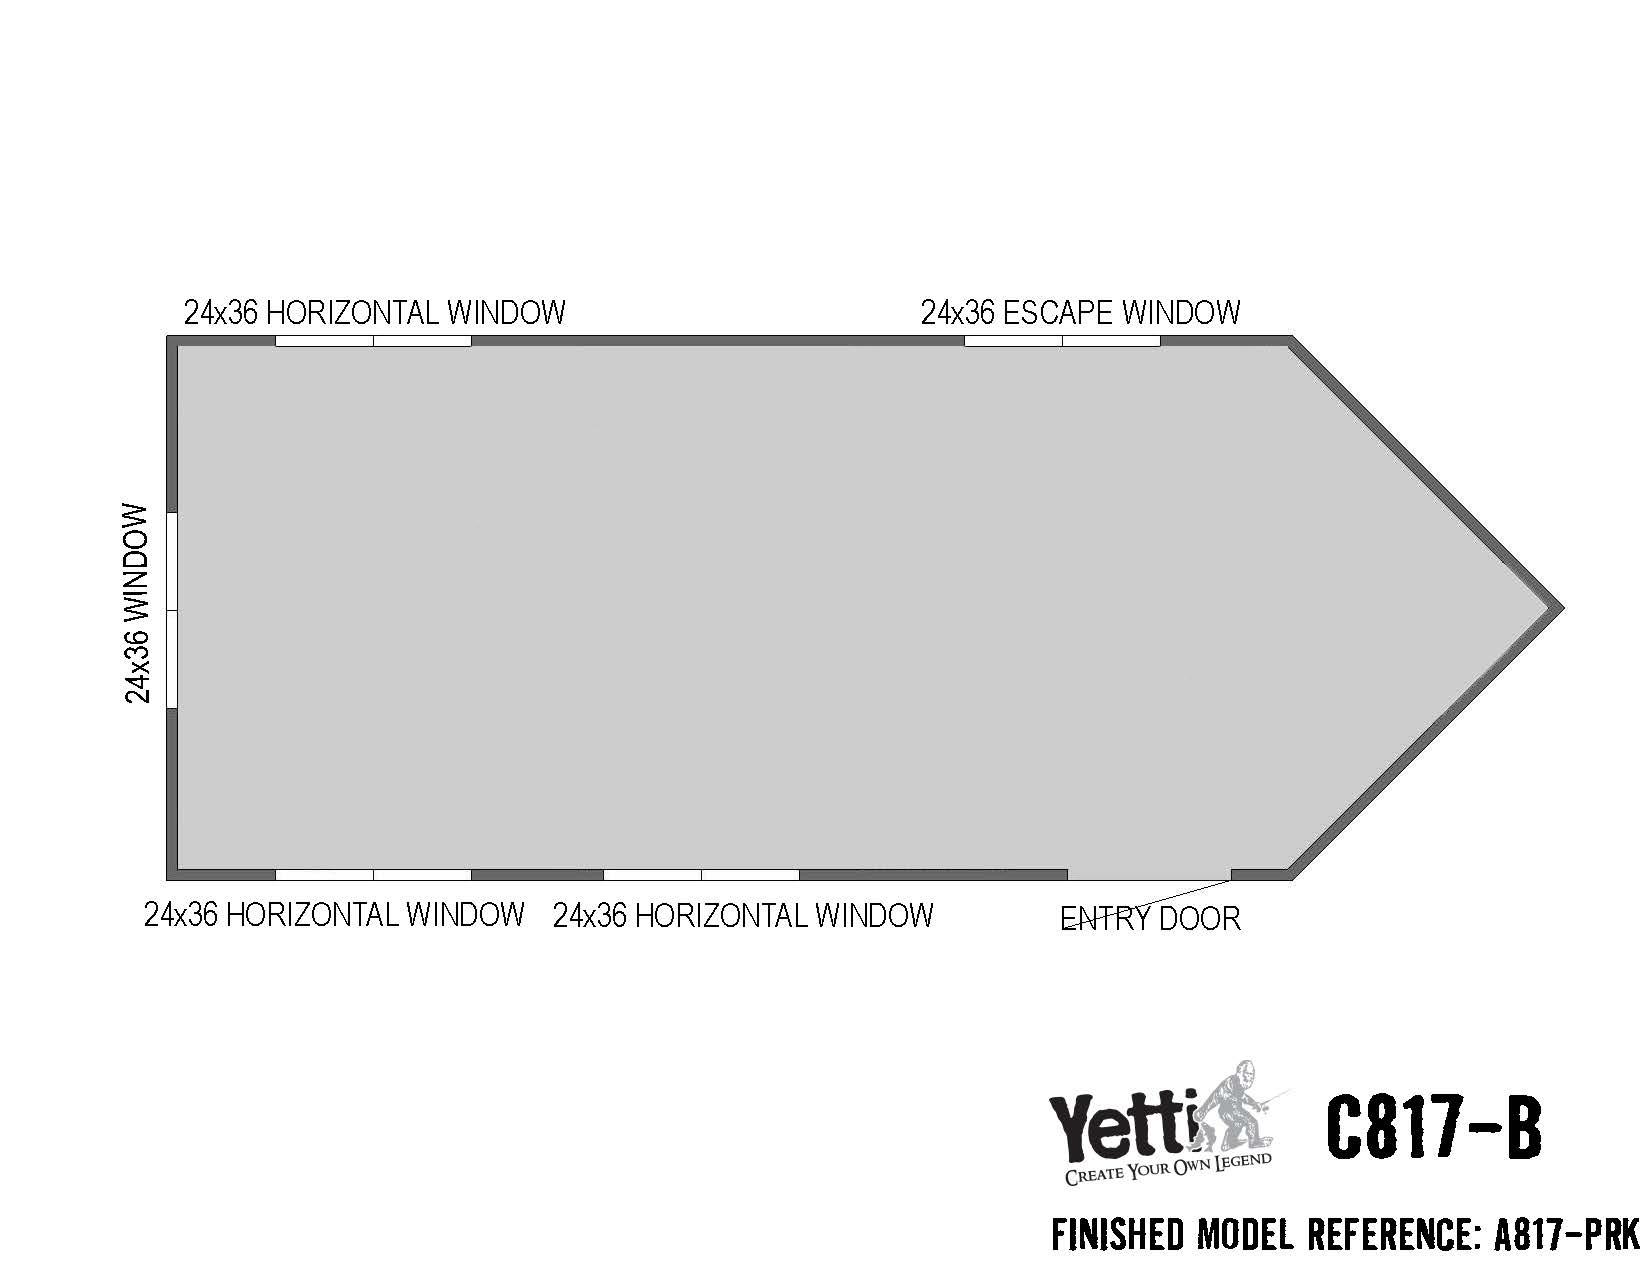 Yetti C817-B